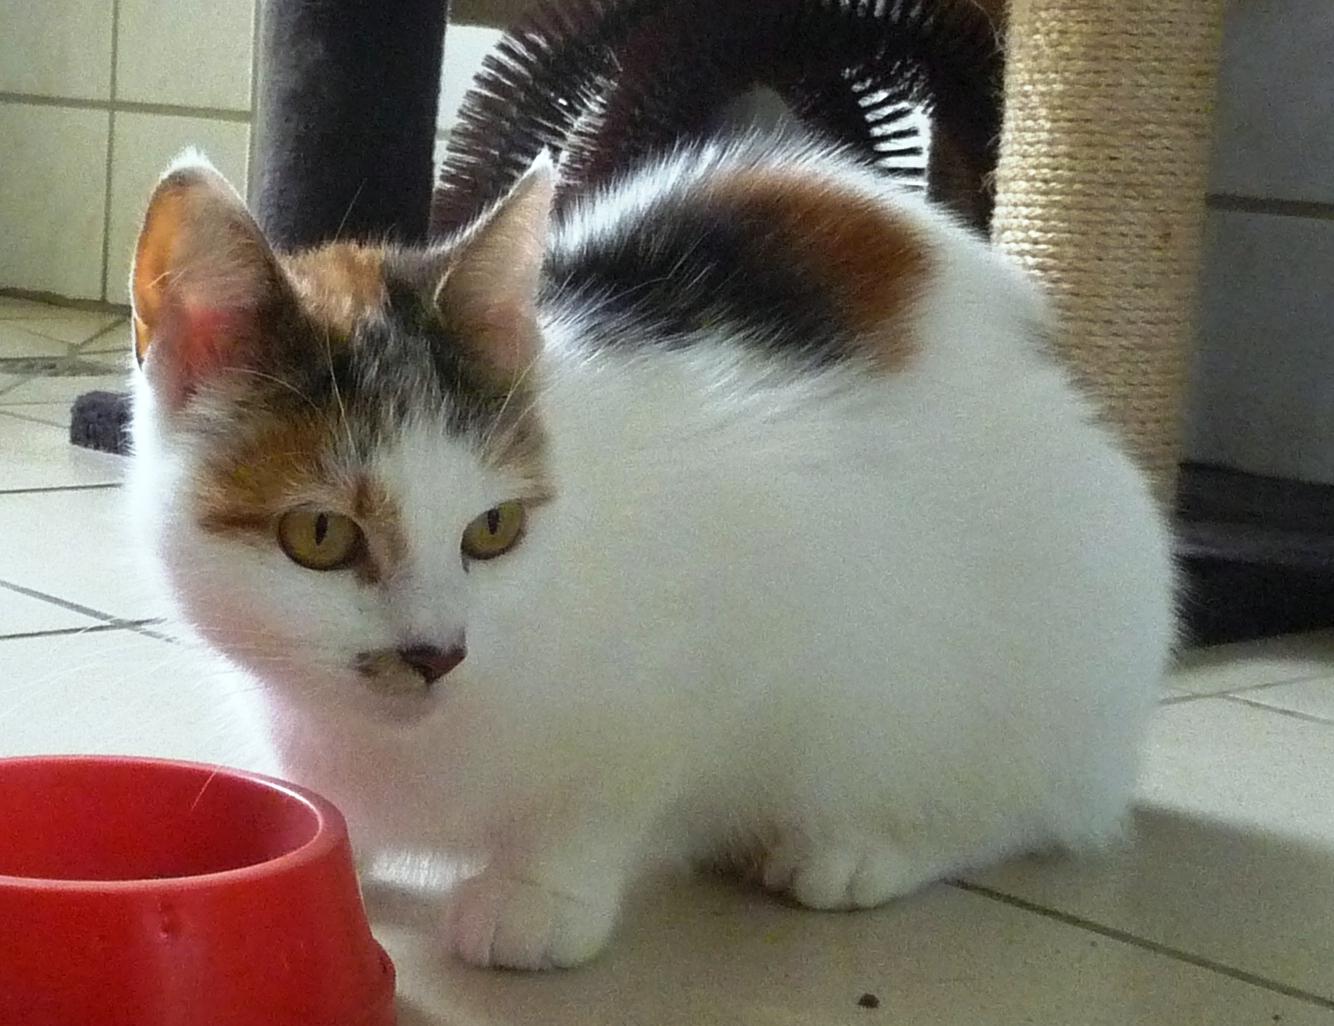 ... von 15 bis 17 Uhr die Bekanntschaft dieser zauberhaften Katzendame